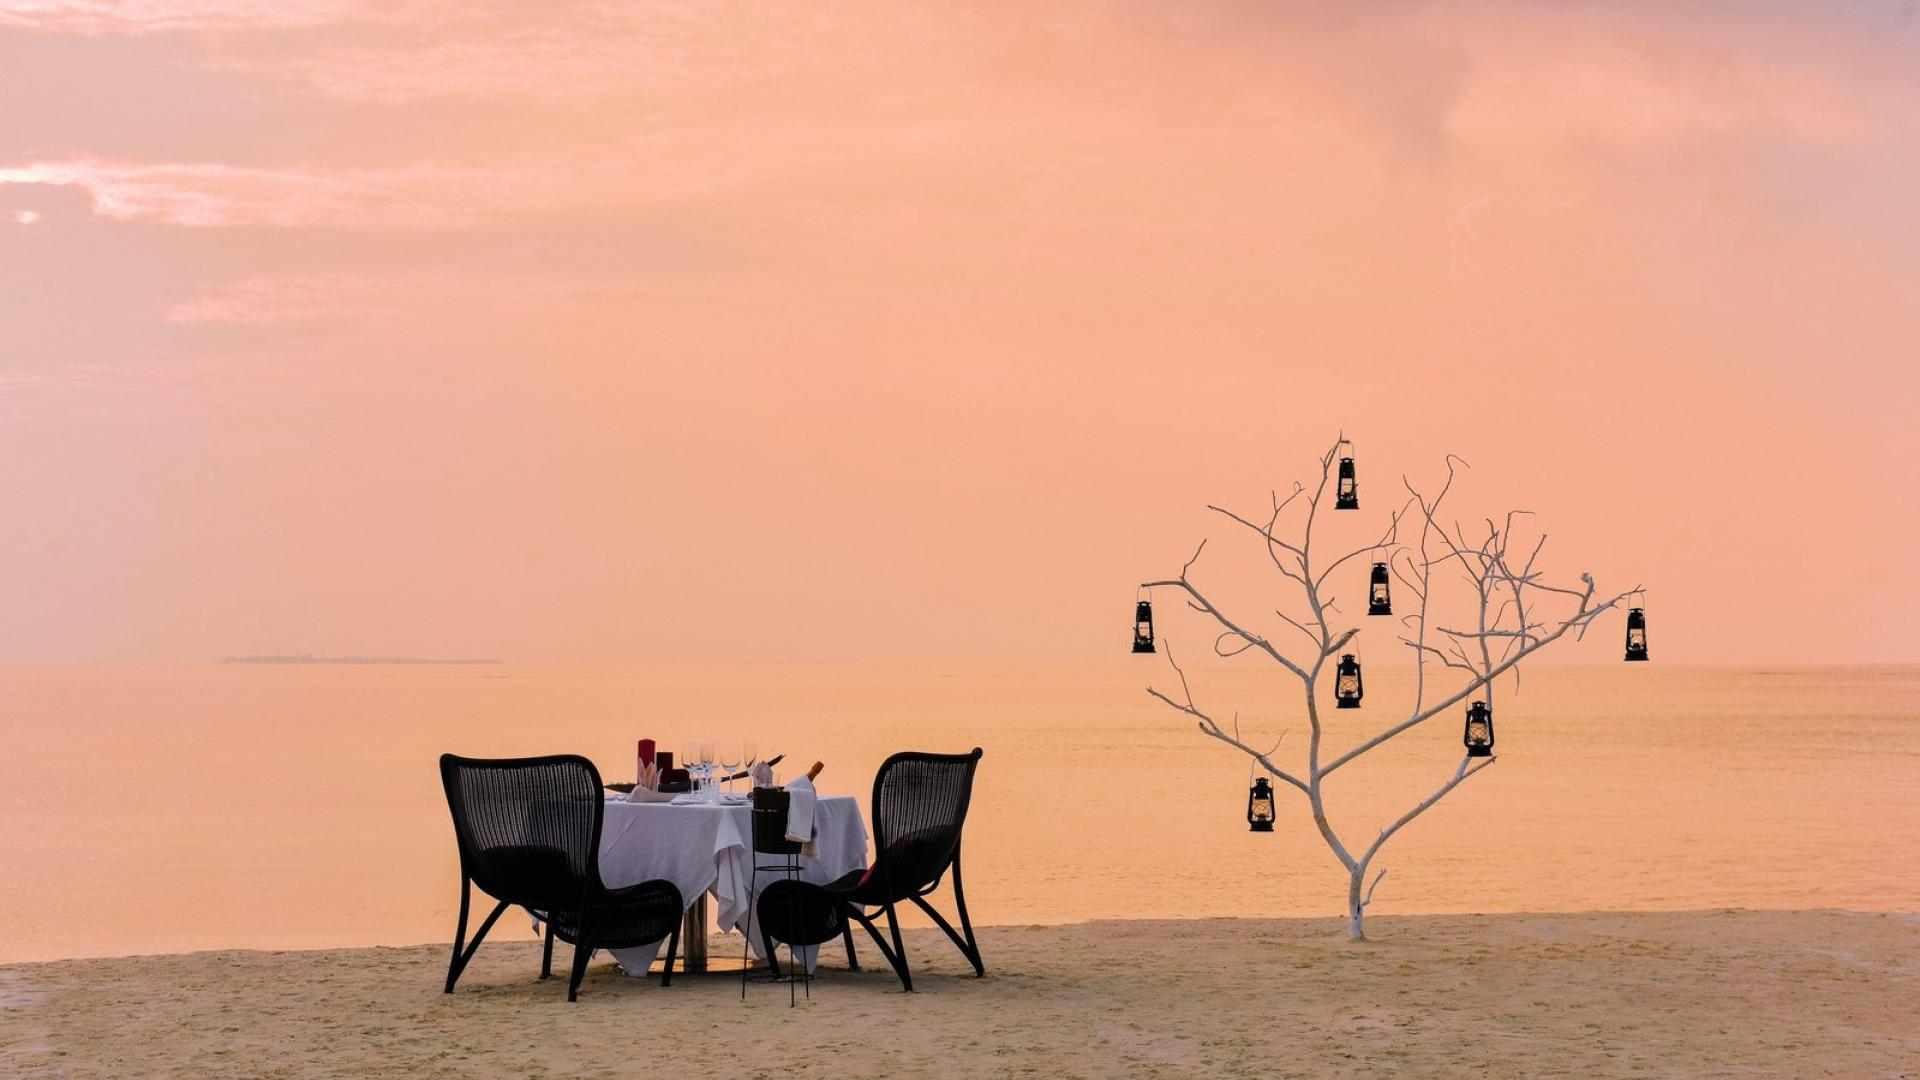 Kanuhura_beach_dining__5_-1599×931-78da1f34-38cc-41c5-a5ca-5d184e36e049